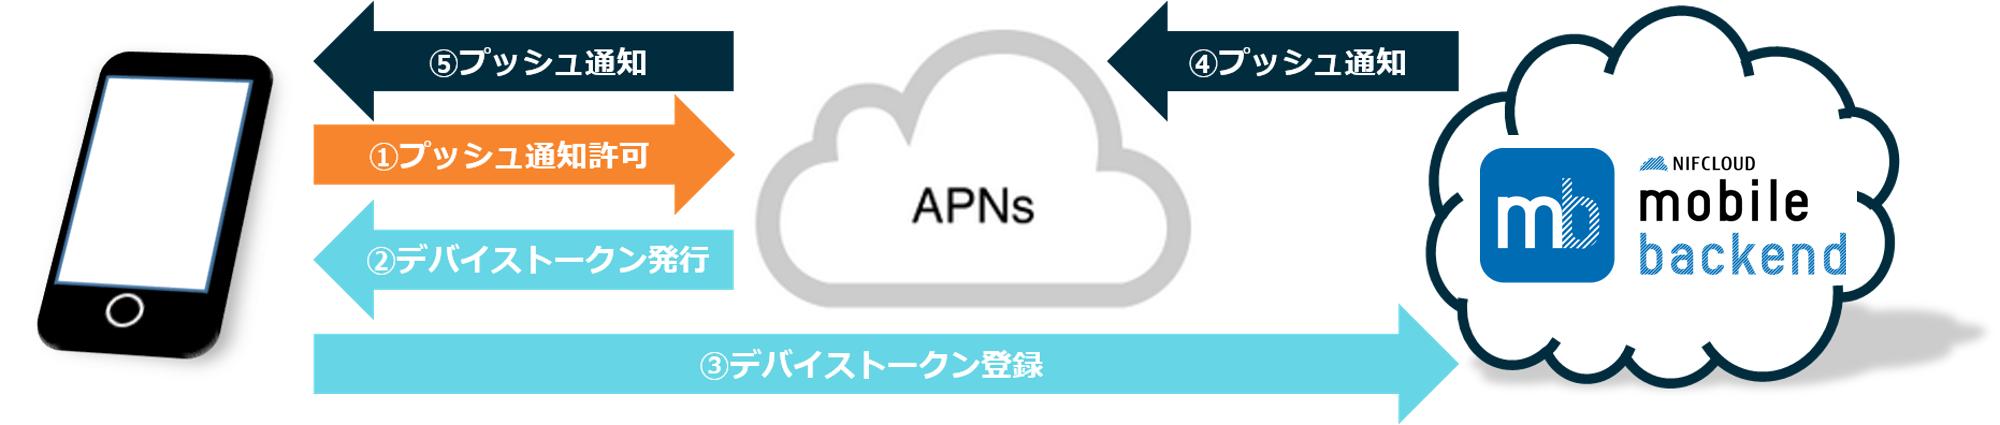 Push仕組み_APNs.png